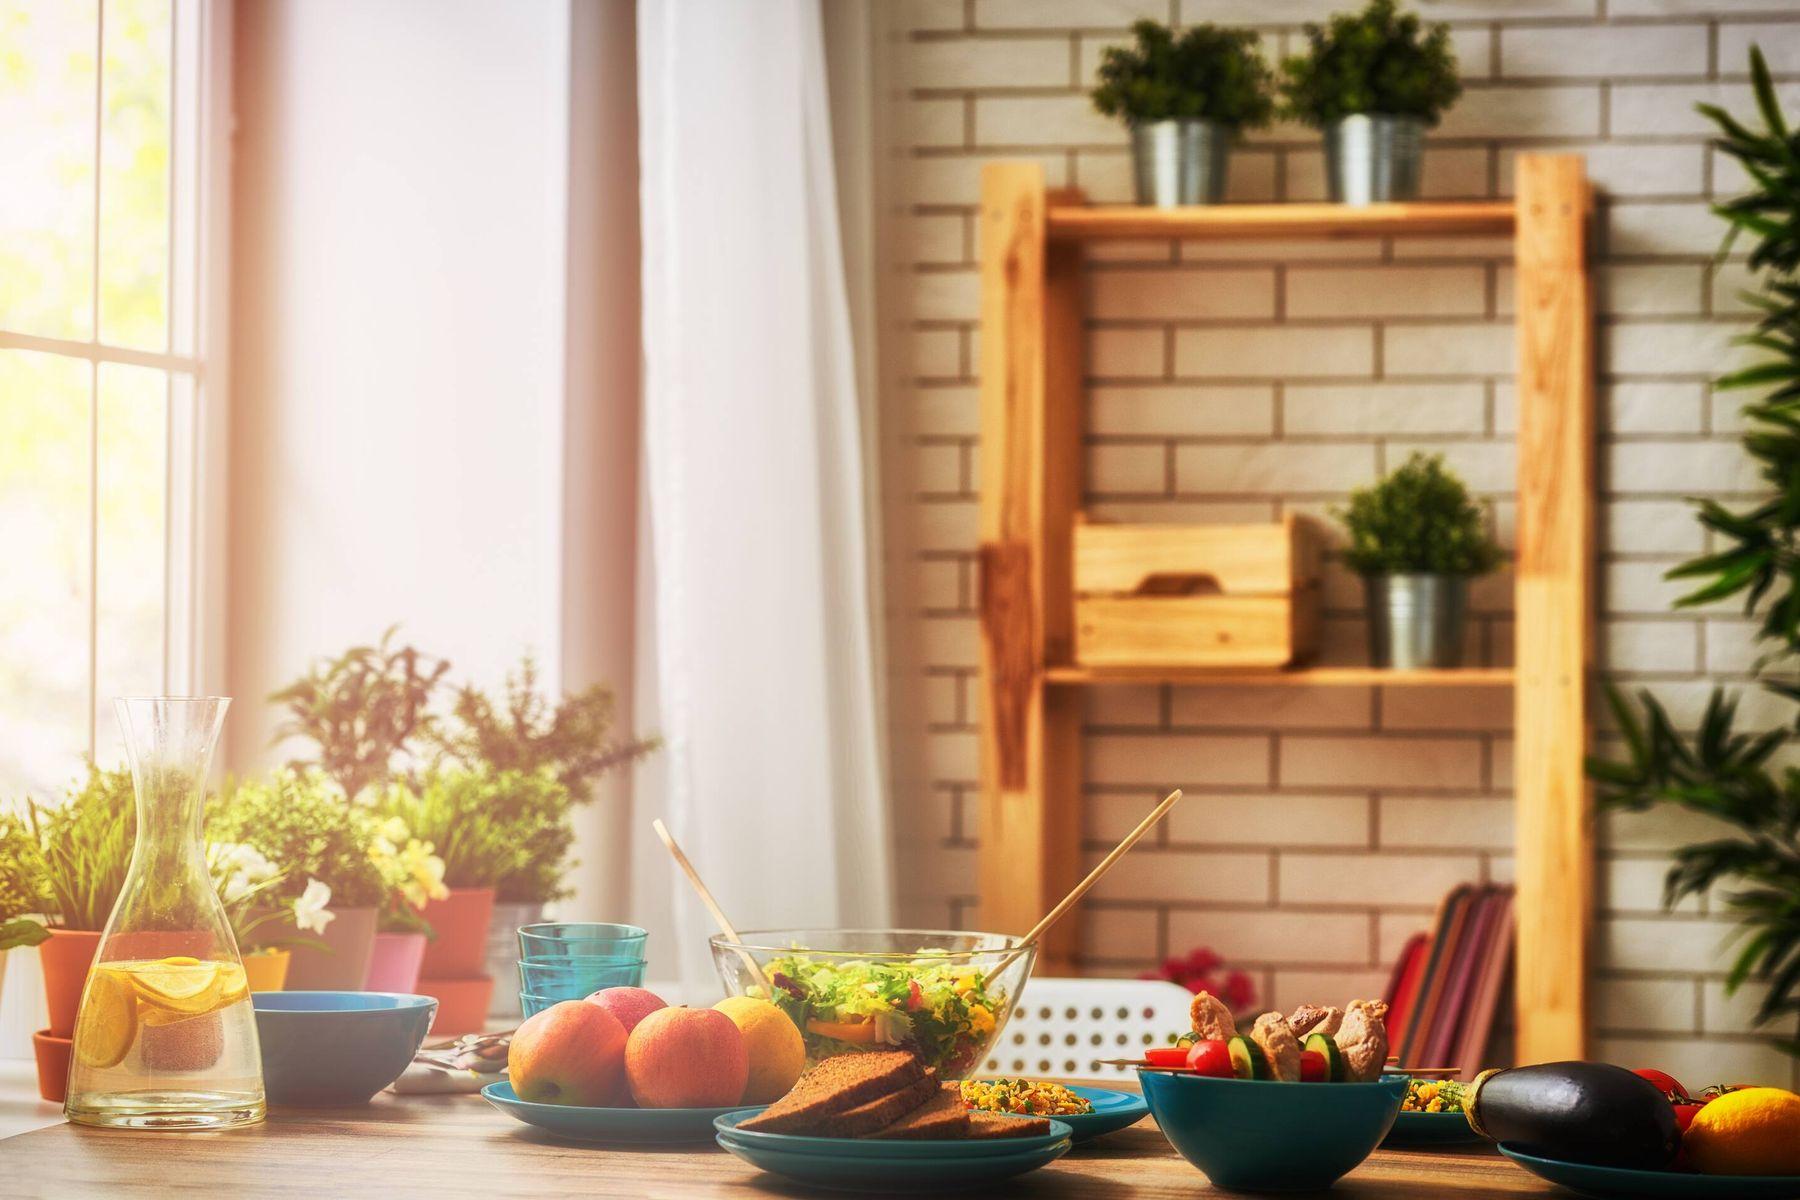 makanan dan tanaman di atas meja